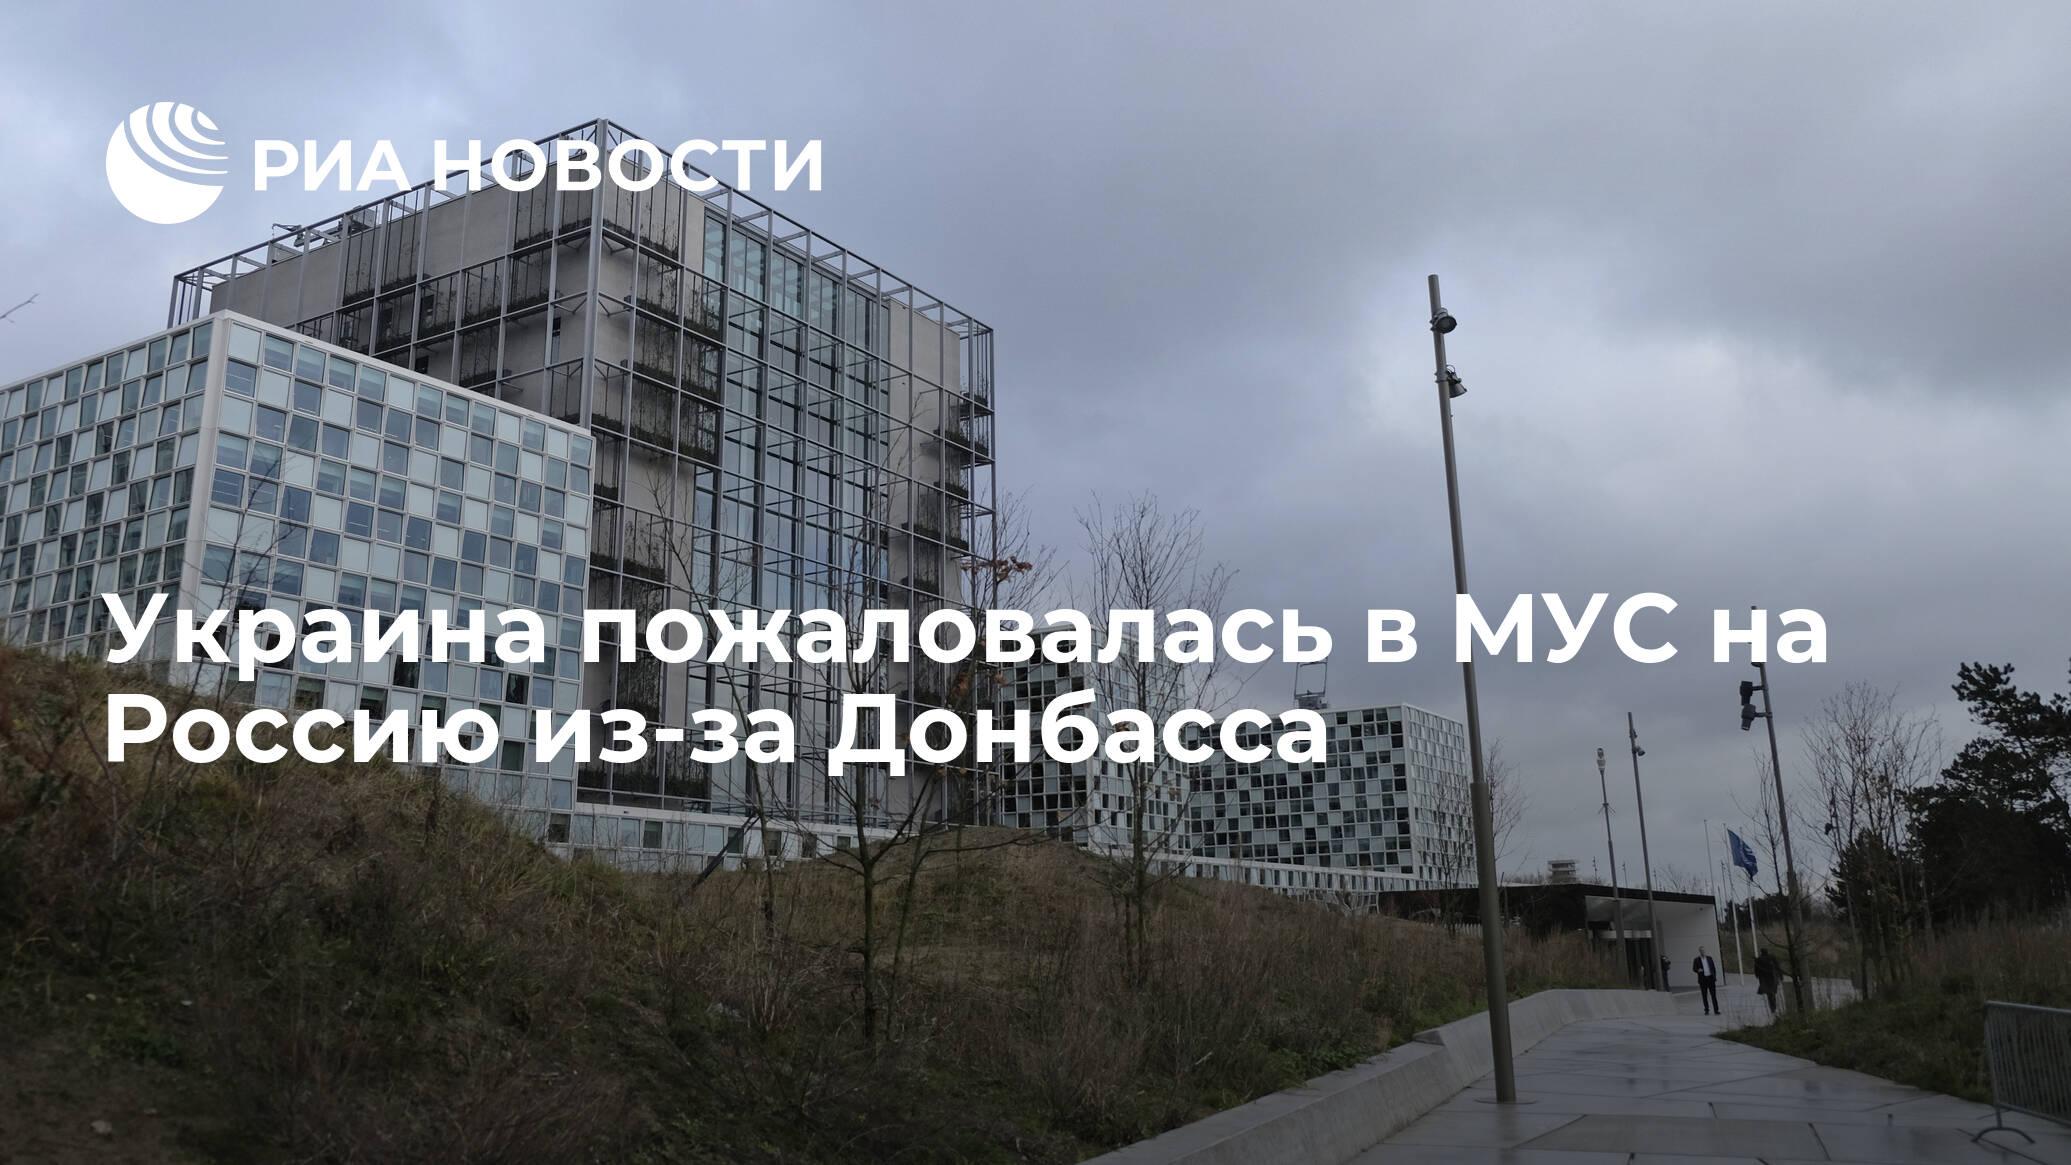 Украина пожаловалась в МУС на Россию из-за Донбасса